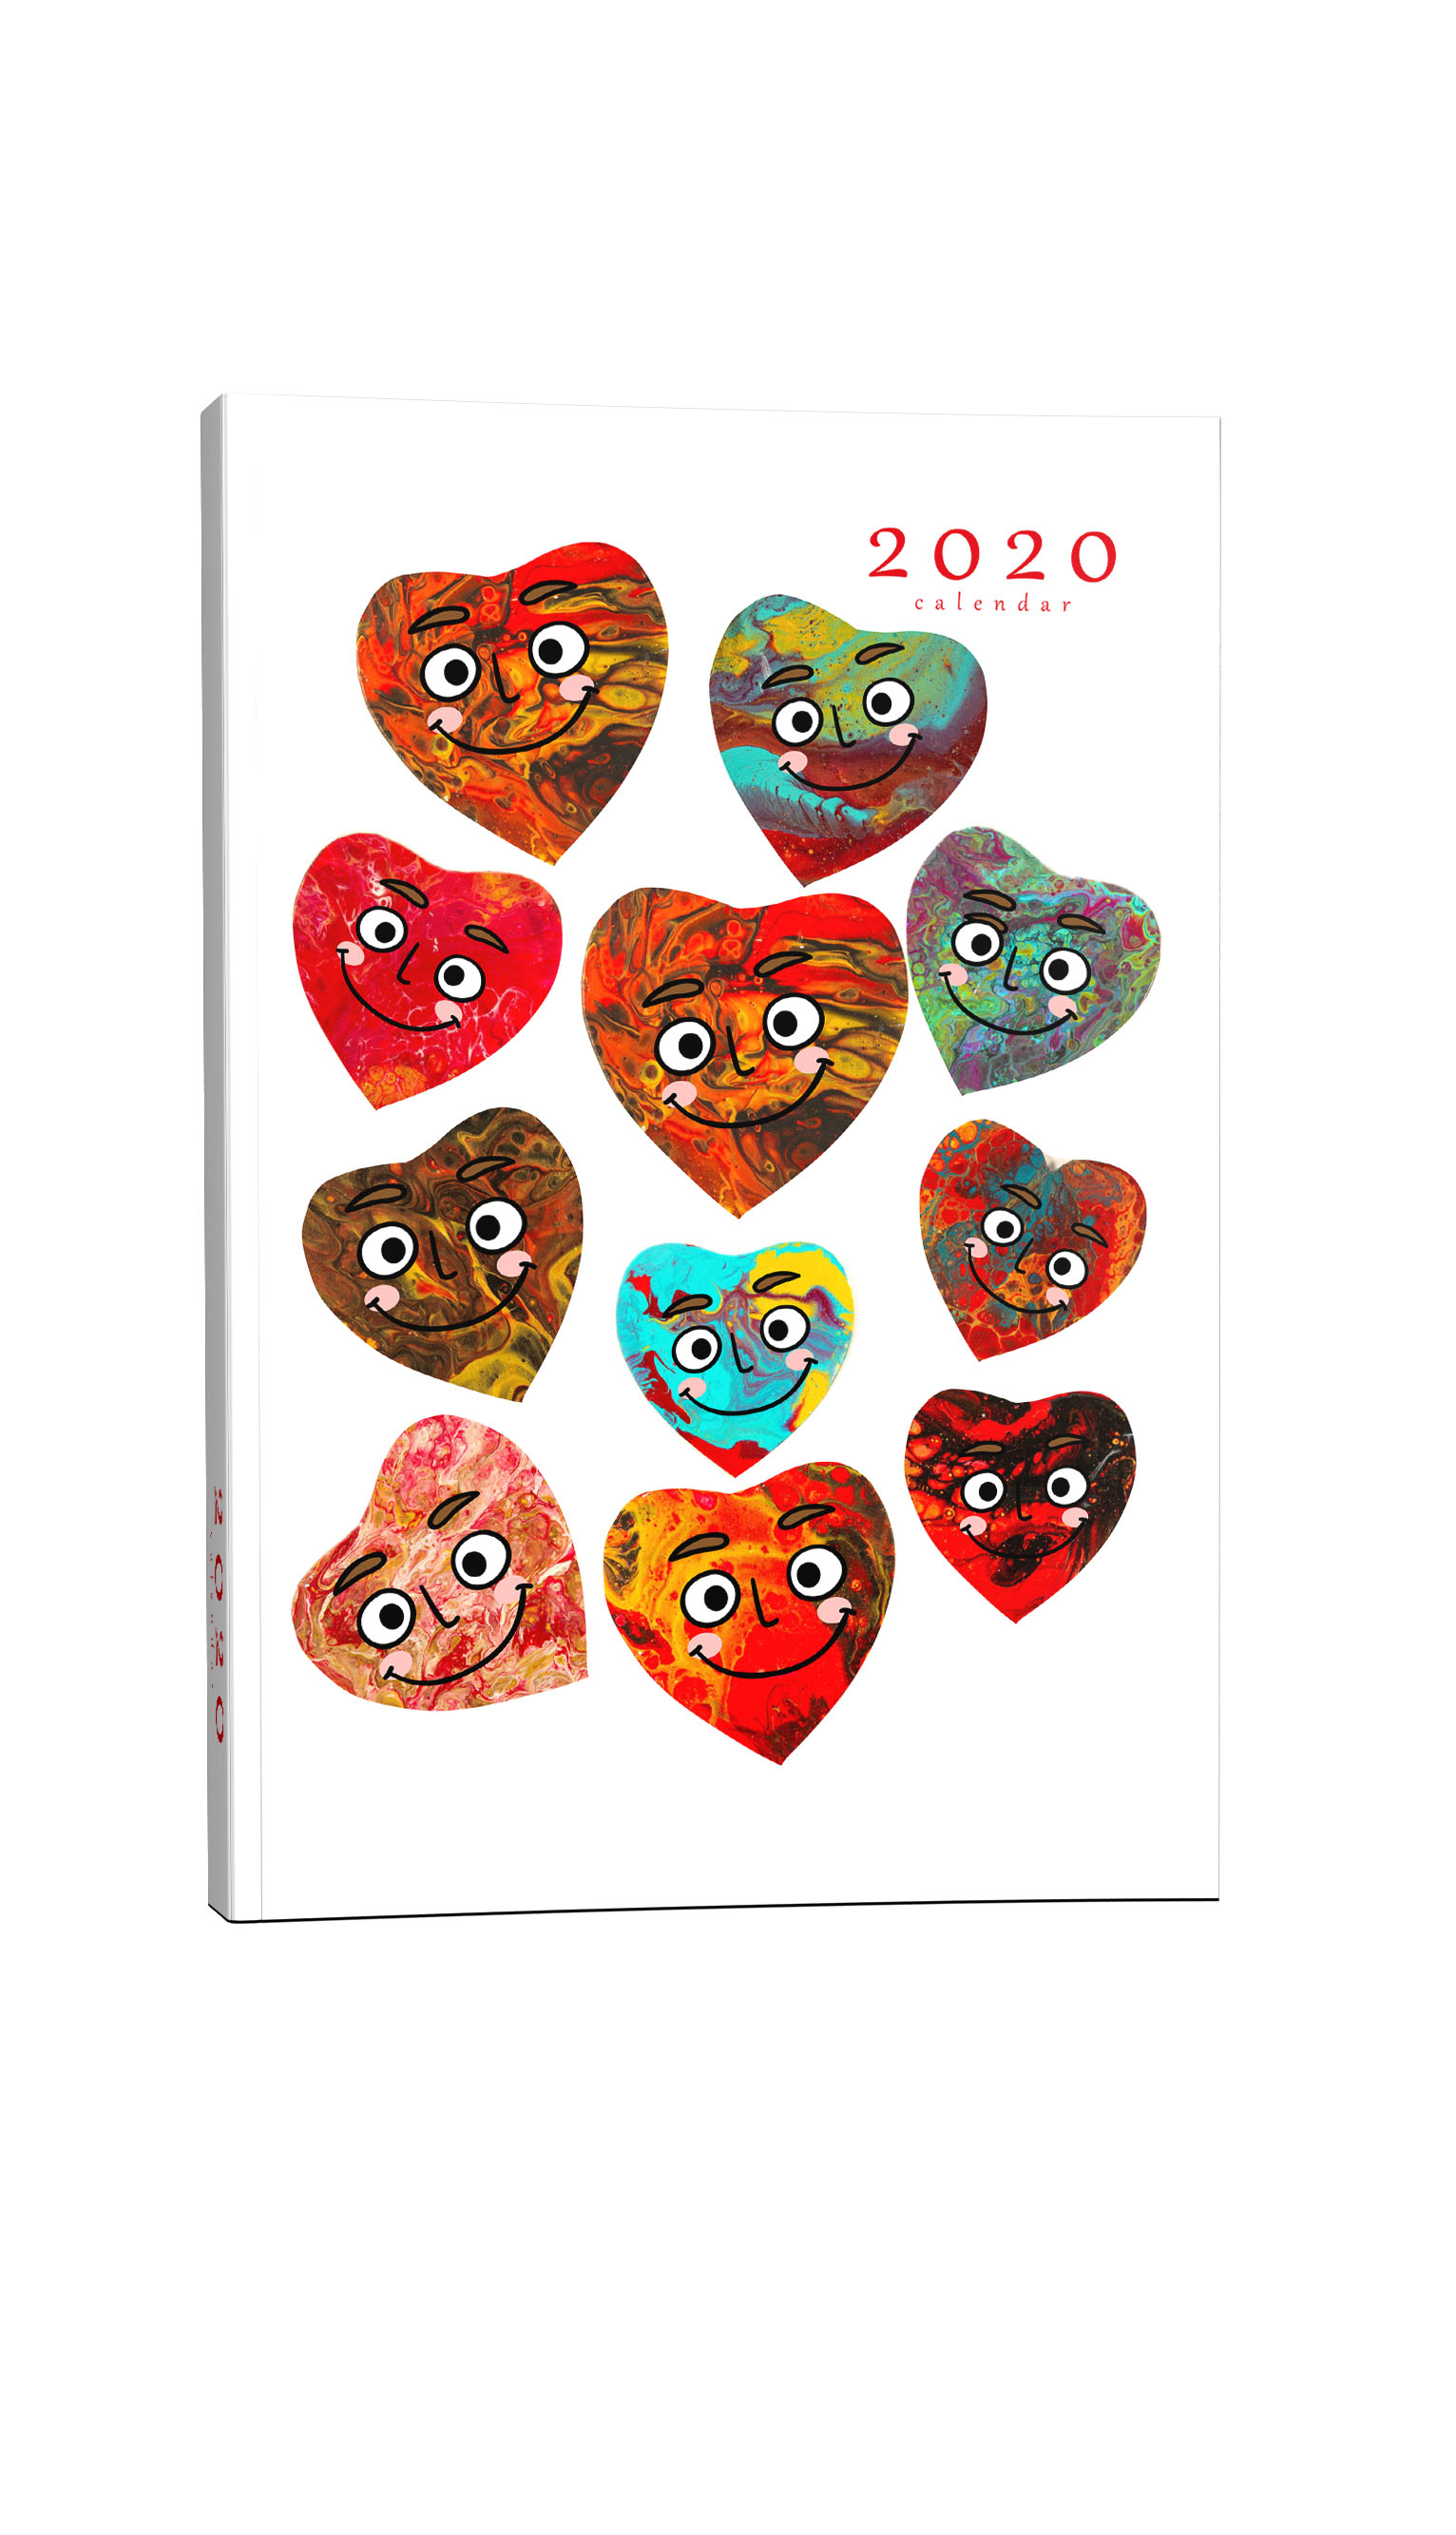 Παιδικό ημερολόγιο καρδούλες